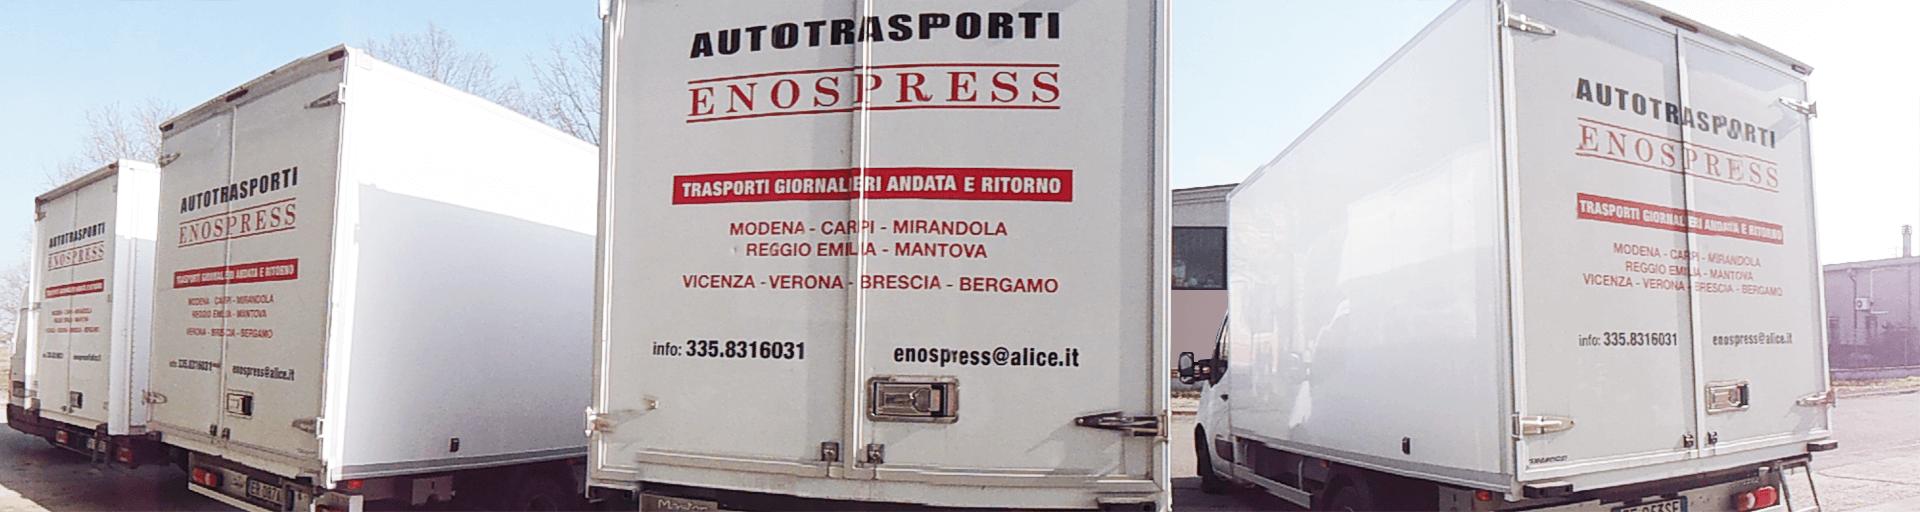 La flotta di Enospress s.r.l. - Corriere Espresso